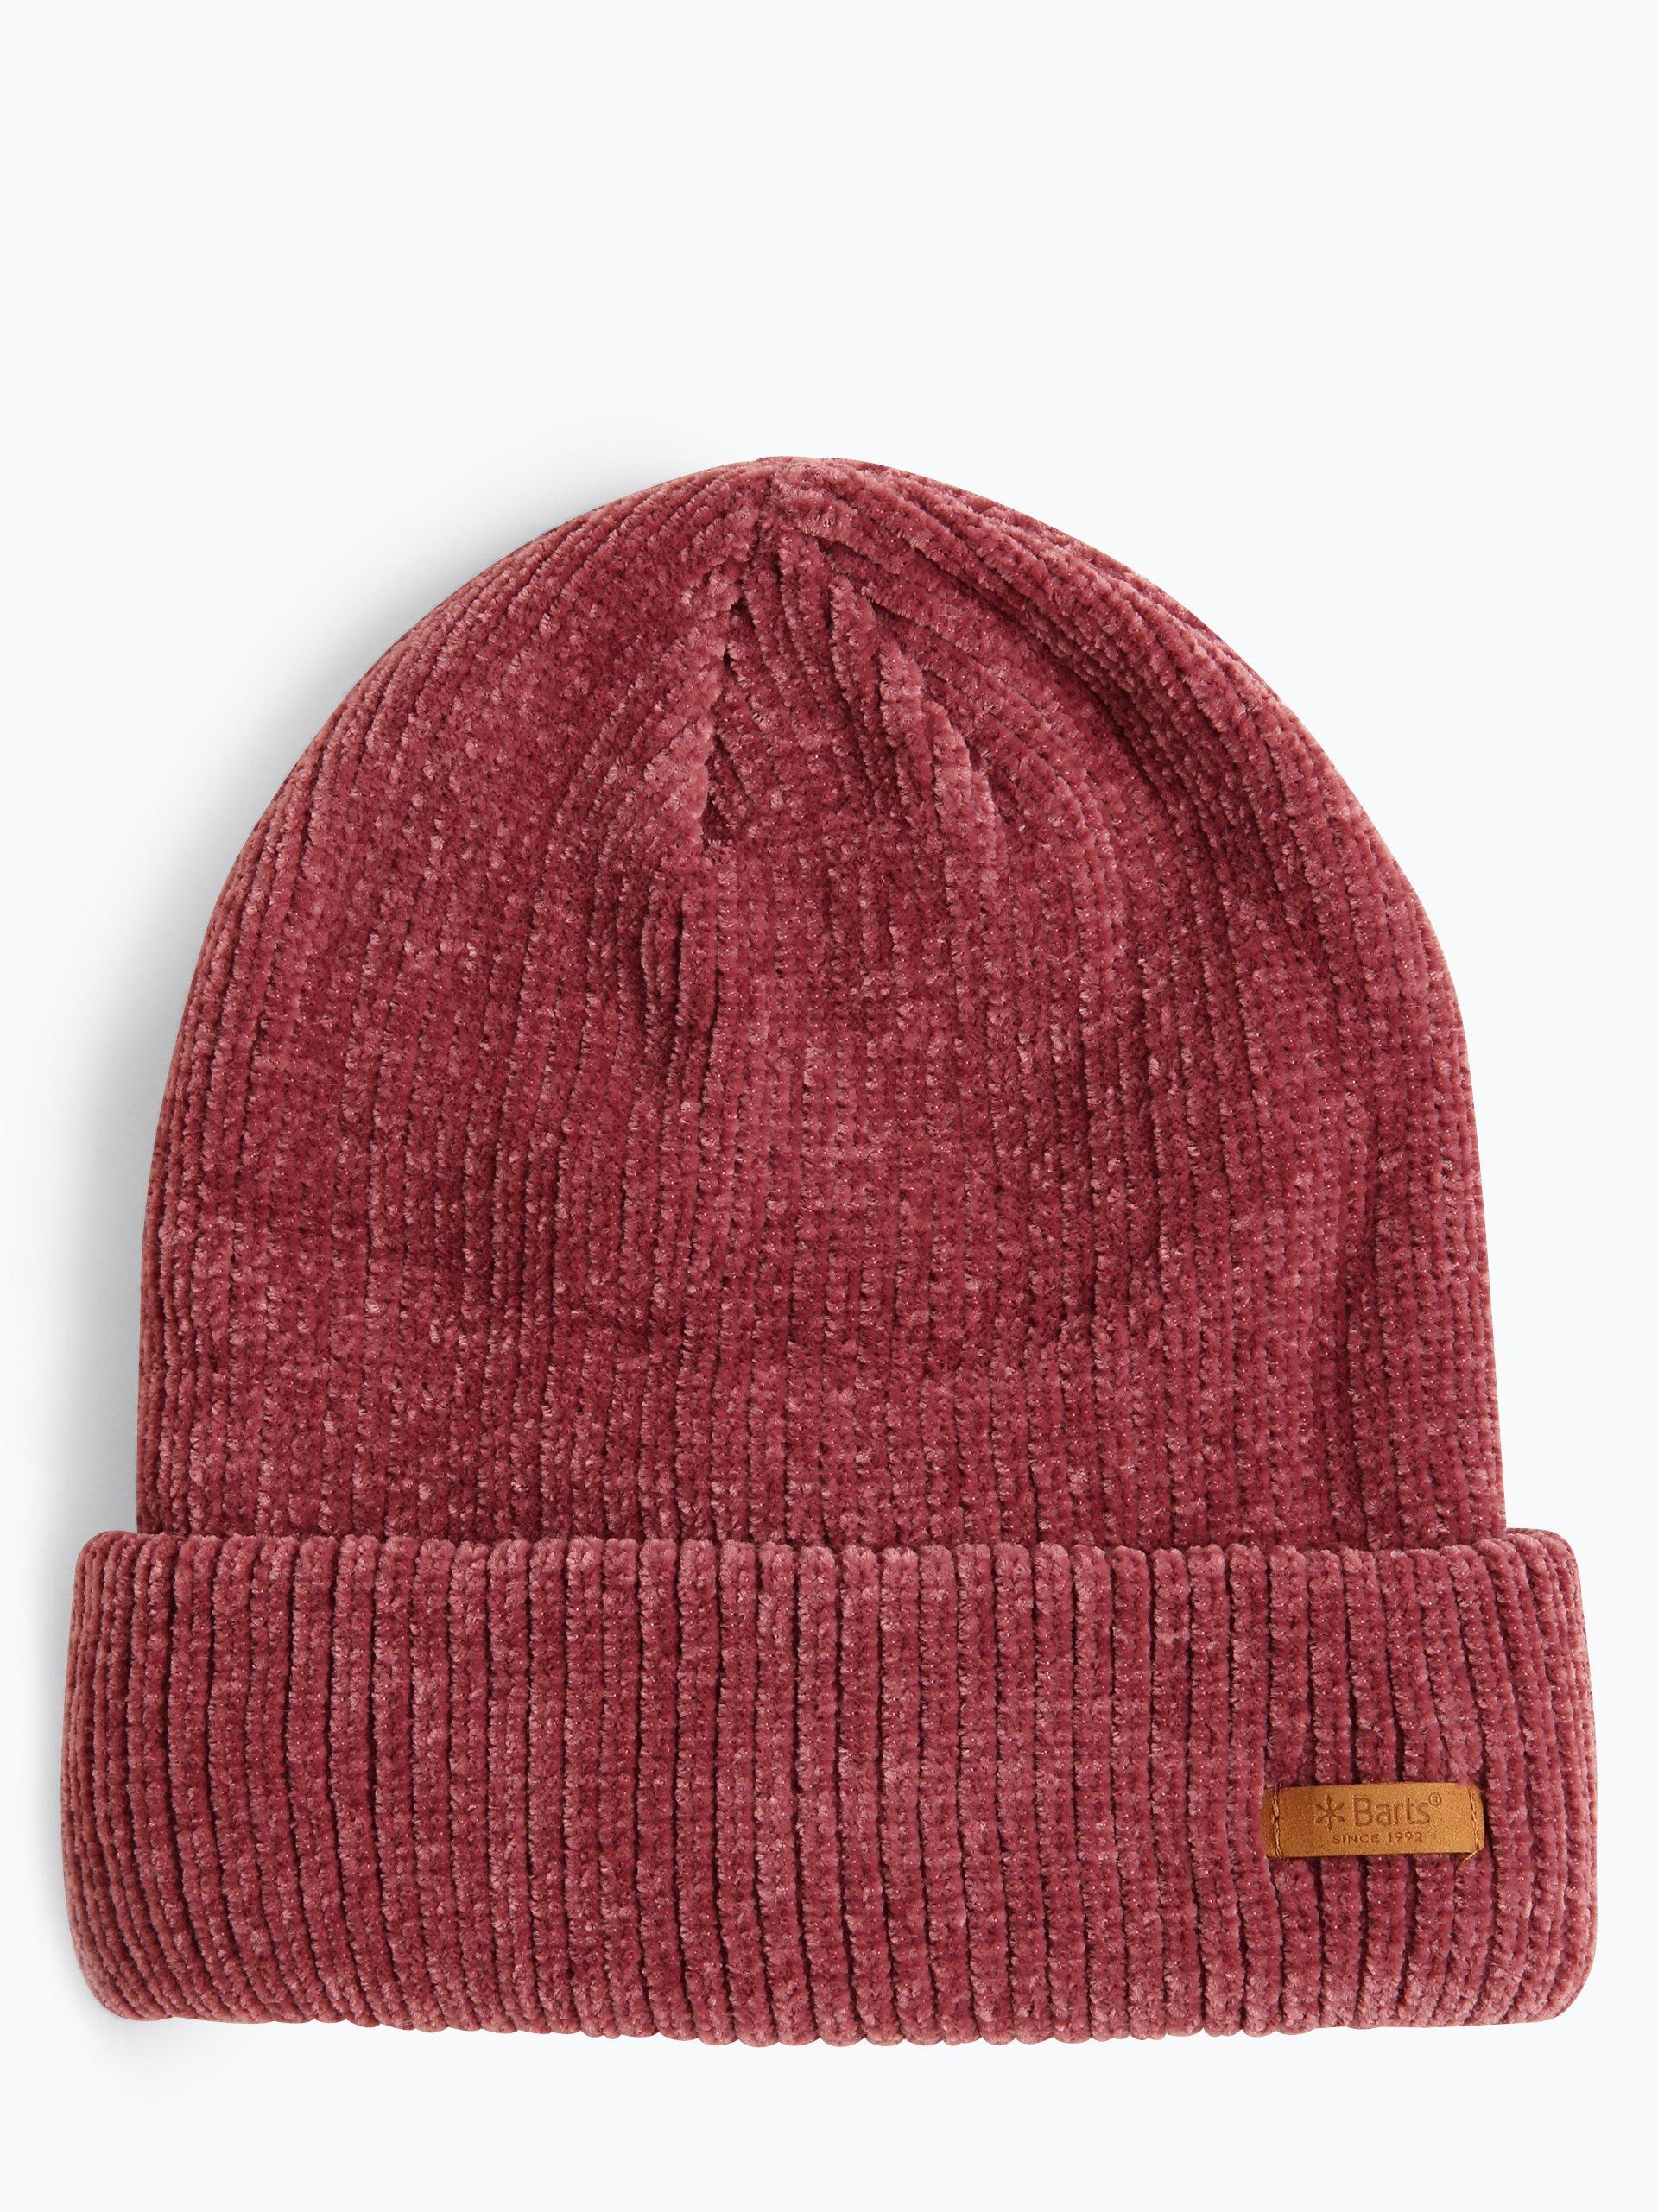 Barts Damen Mütze - Veloucha